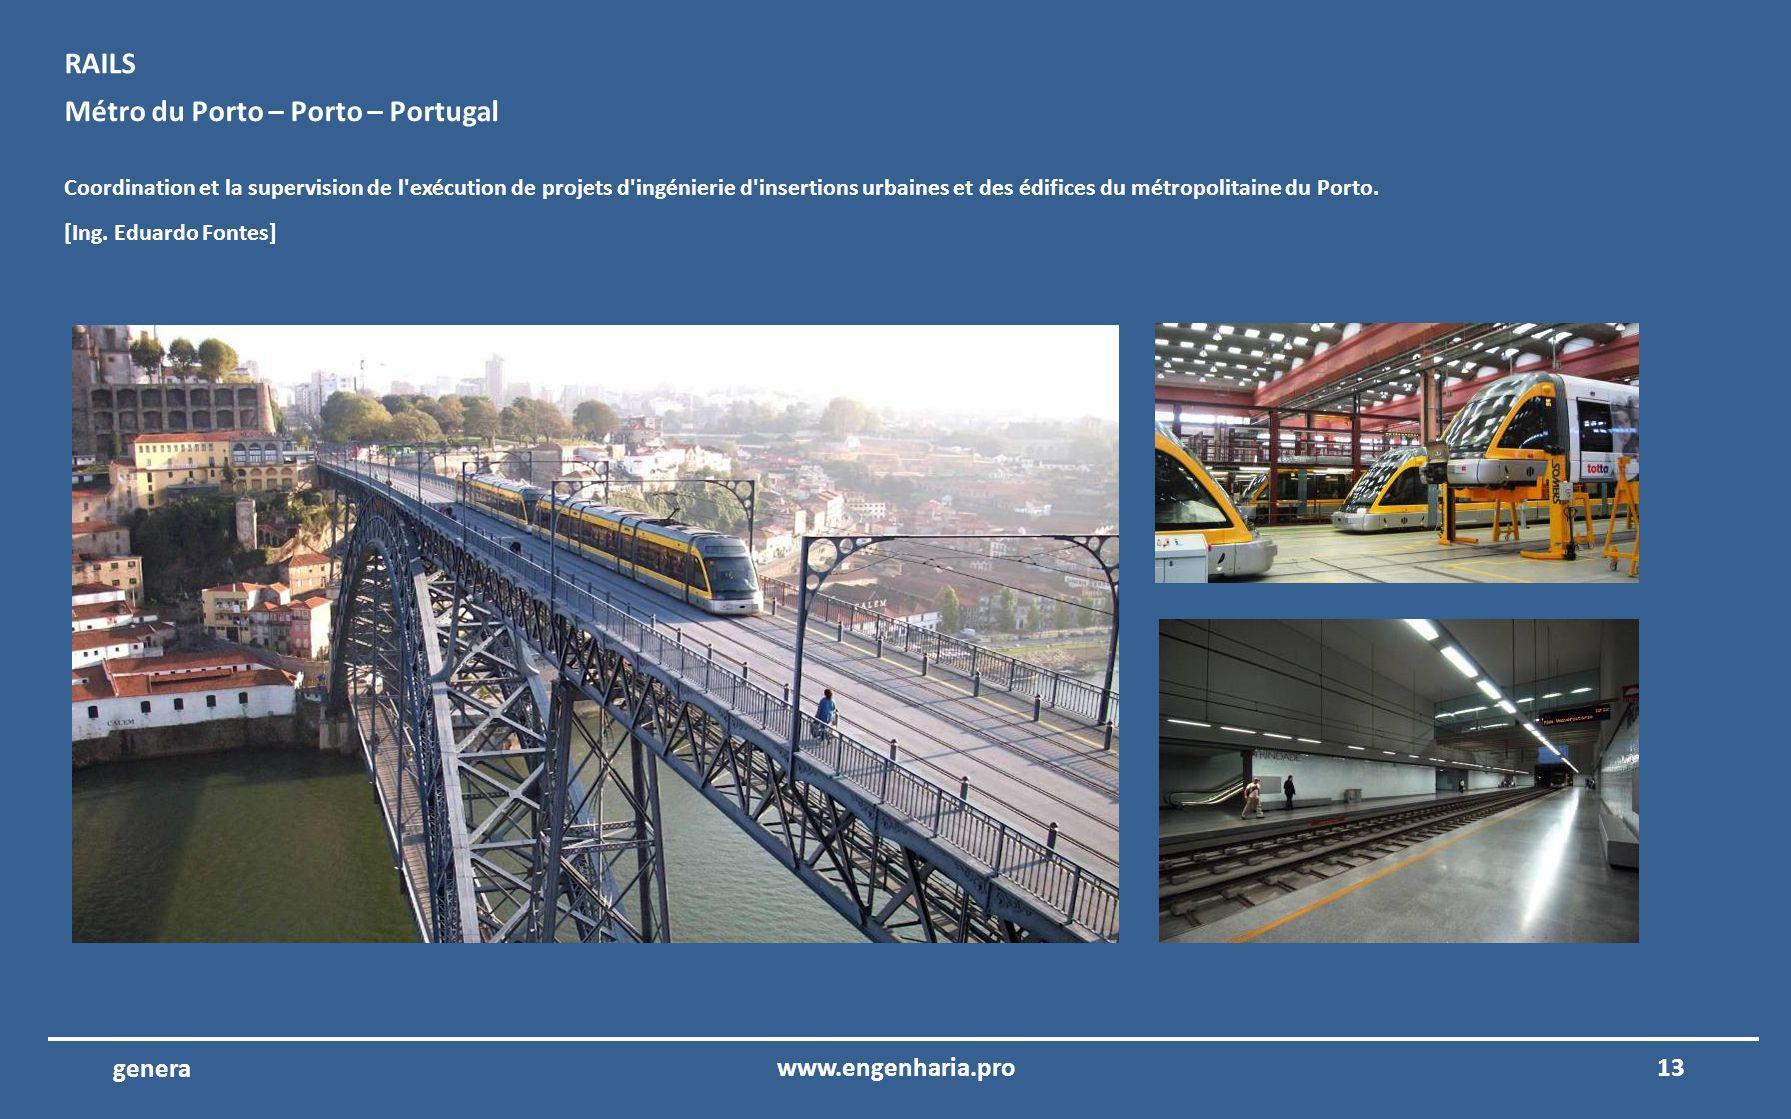 12www.engenharia.pro genera Metro du Porto – Porto – Portugal Coordination et la supervision de l exécution des projets d ingénierie d édifices des opérations et du contrôle du Métro du Porto.